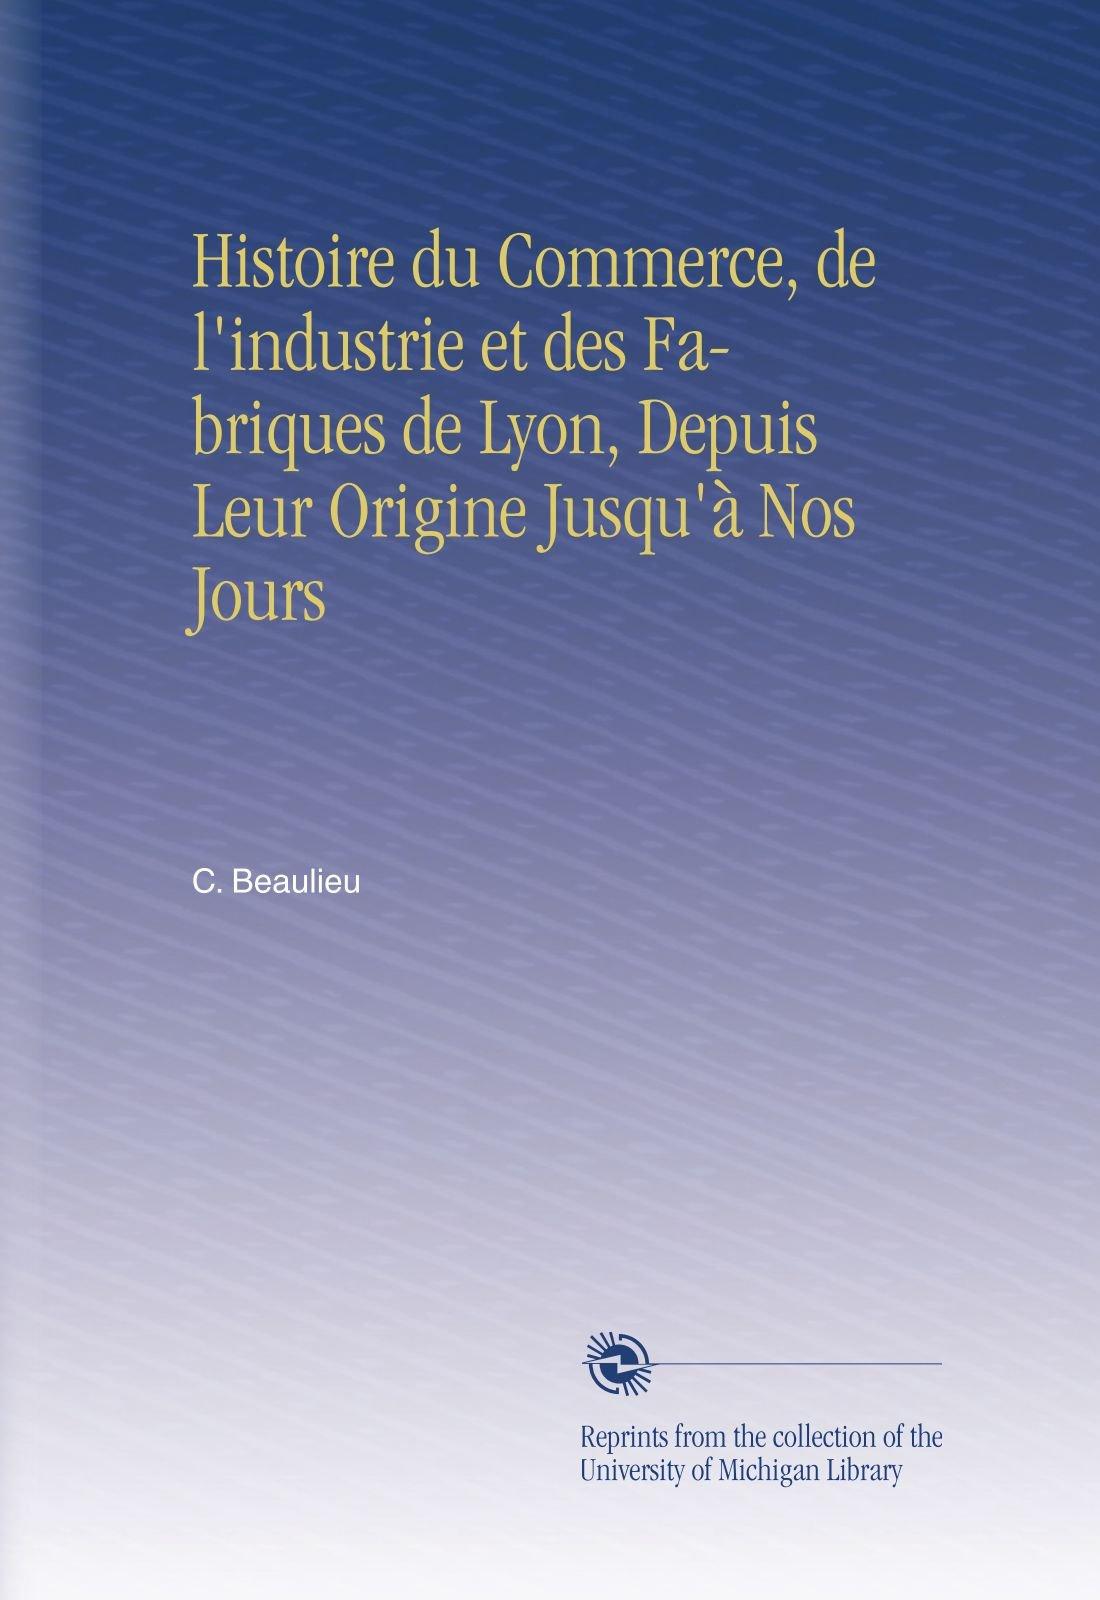 Histoire du Commerce, de l'industrie et des Fabriques de Lyon, Depuis Leur Origine Jusqu'à Nos Jours (French Edition) pdf epub